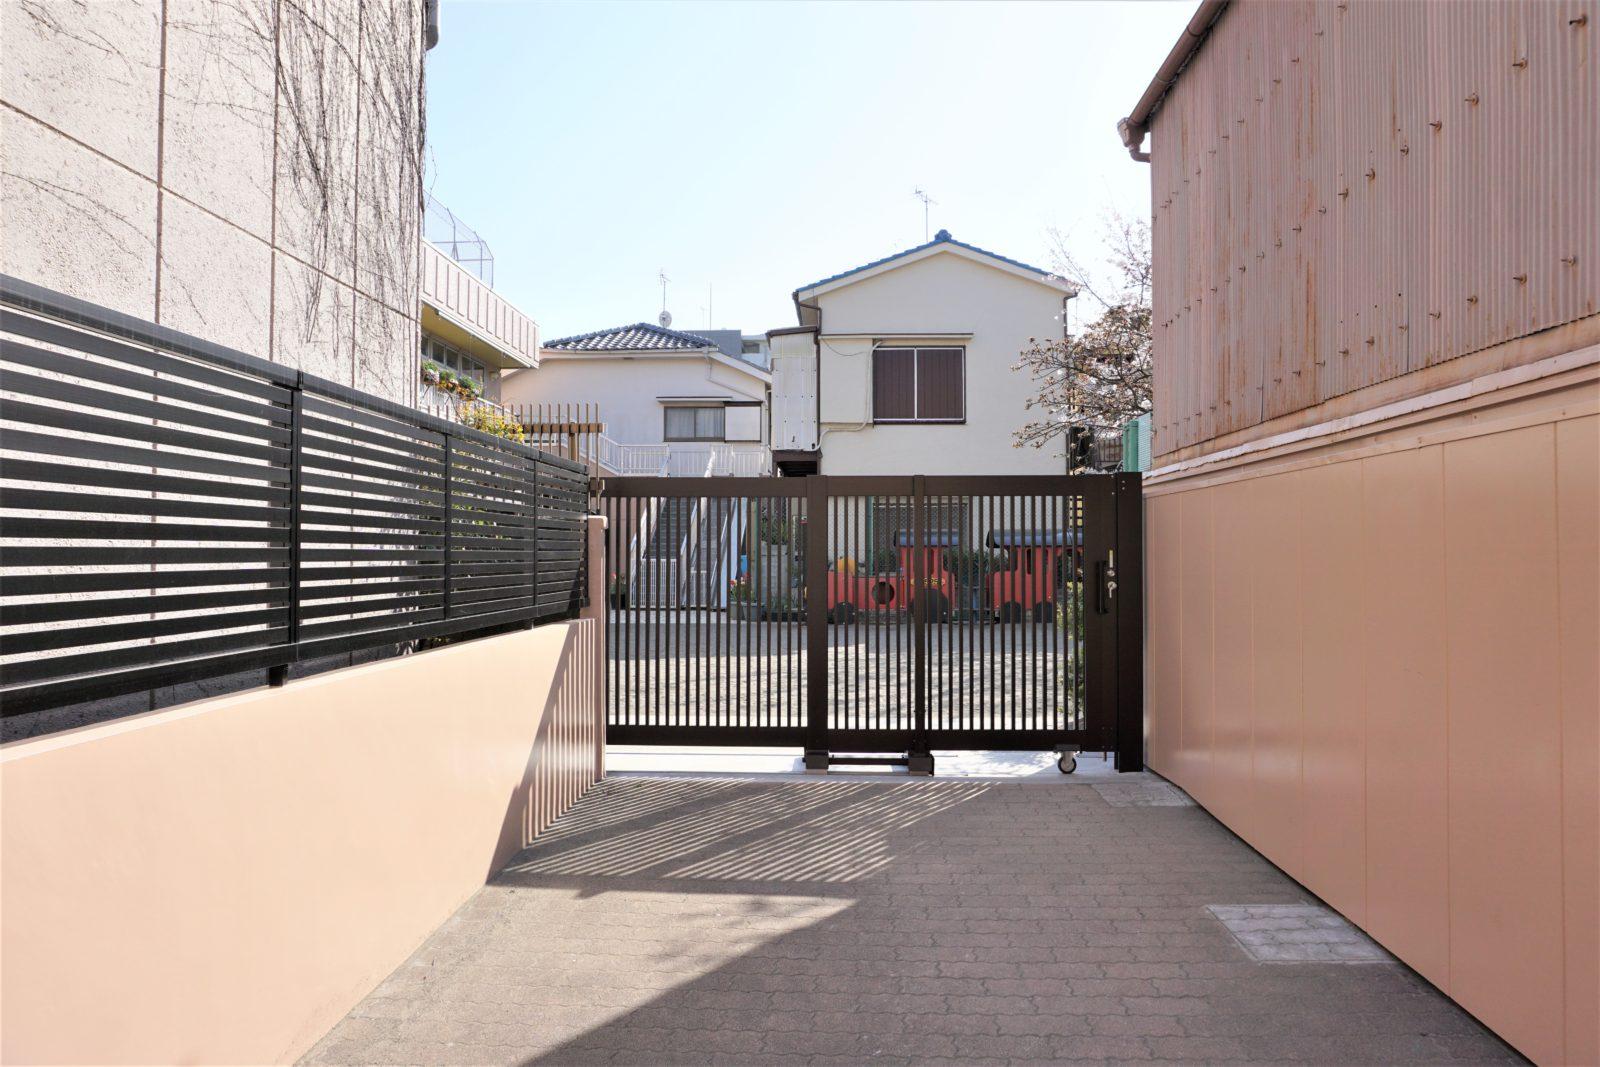 危険なブロック塀から安全なフェンスへとリフォーム